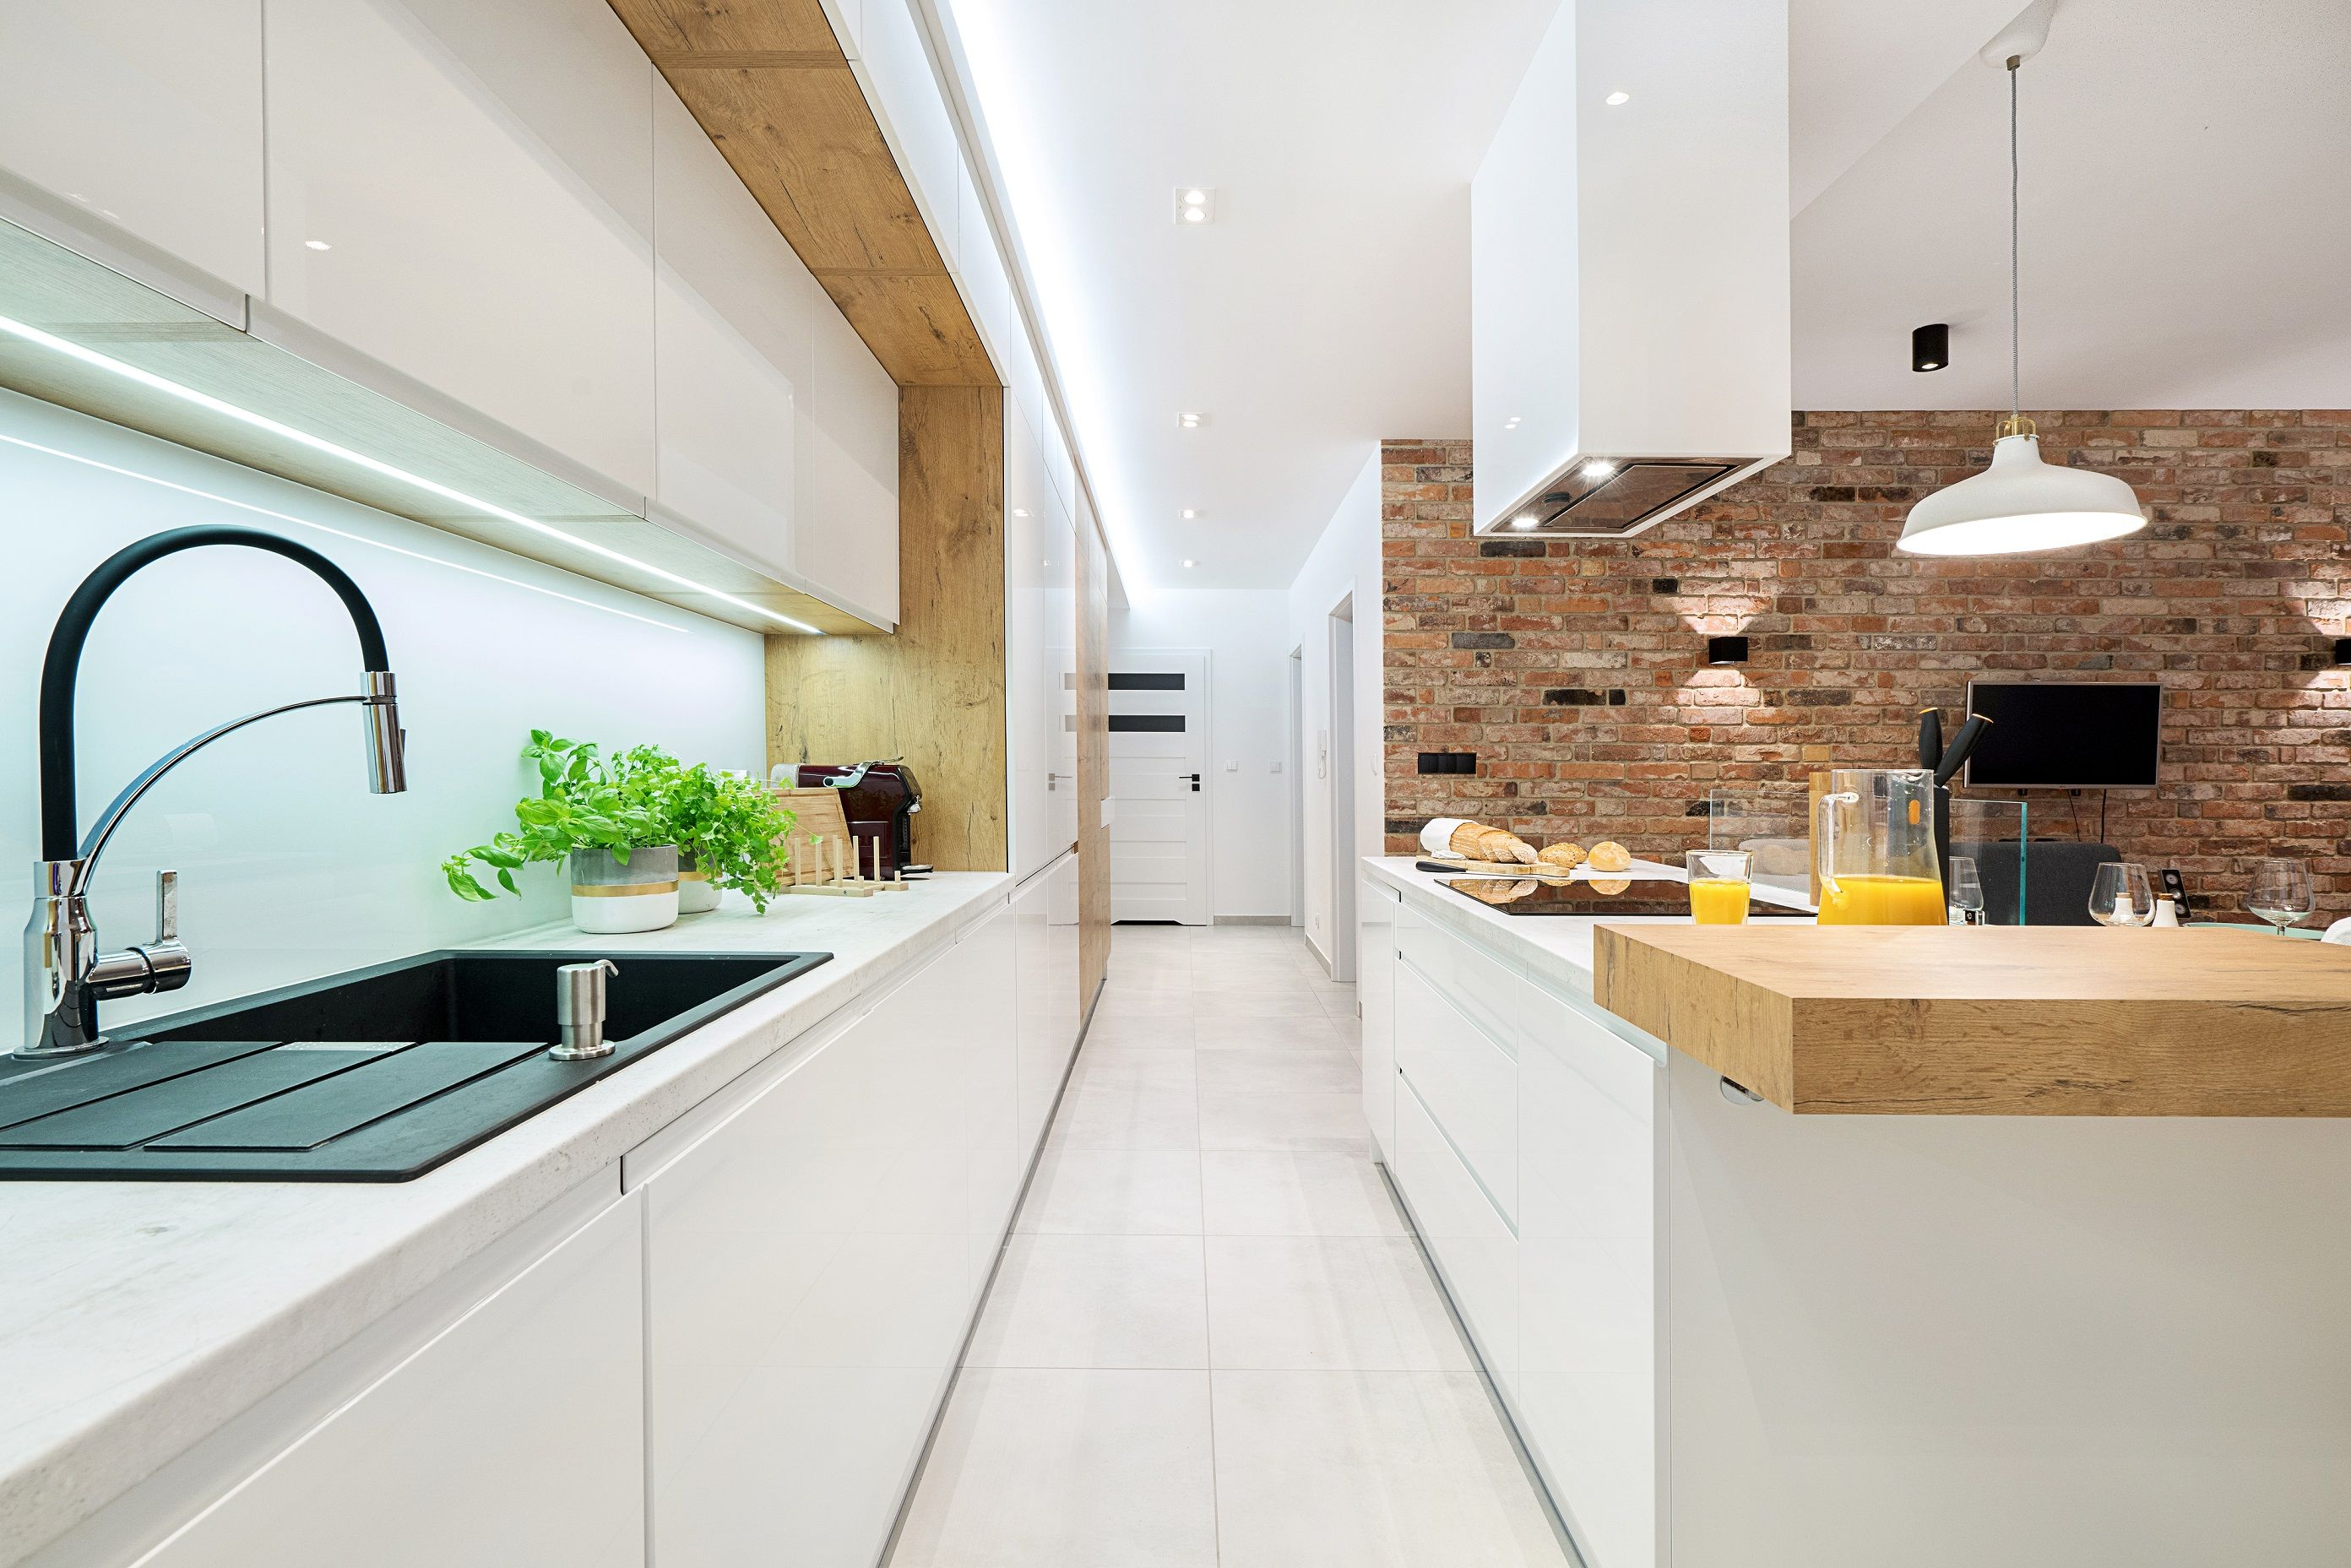 Biale Gladkie Fronty Idealnie Komponuja Sie Z Cegla Na Scianie W Towarzystwie Prostokatnych Powier Pretty Kitchen Kitchen Backsplash Kitchen Tiles Backsplash